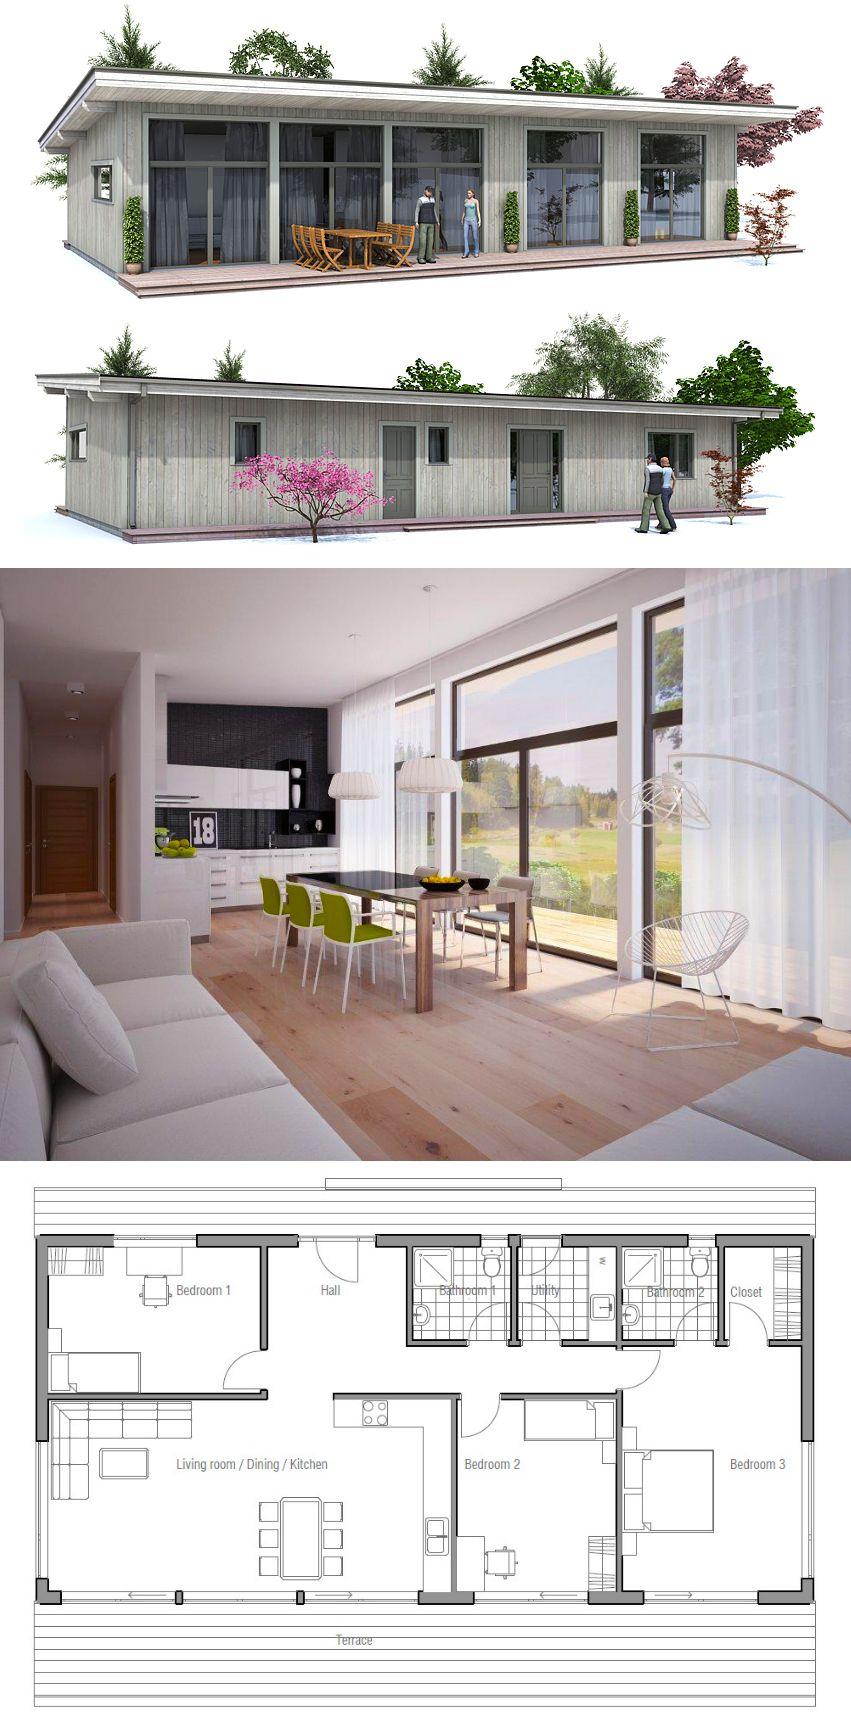 grundriss kleines haus mit pultdach haeuser pinterest grundrisse kleiner h user pultdach. Black Bedroom Furniture Sets. Home Design Ideas